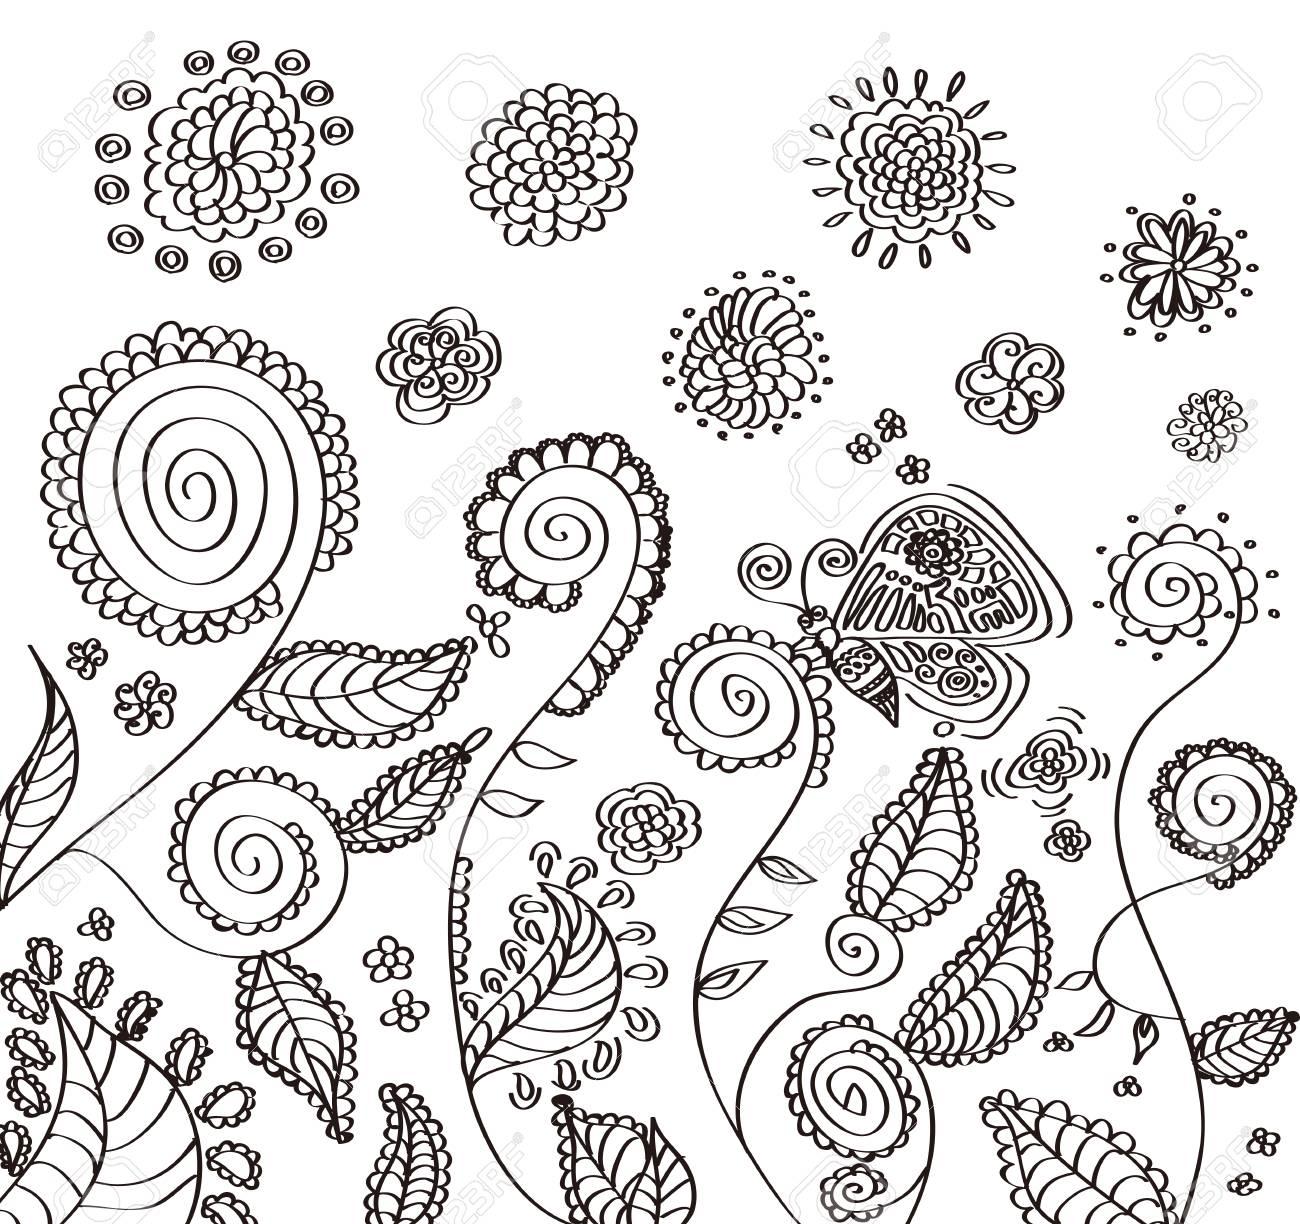 手書きの花のイラストです のイラスト素材 ベクタ Image